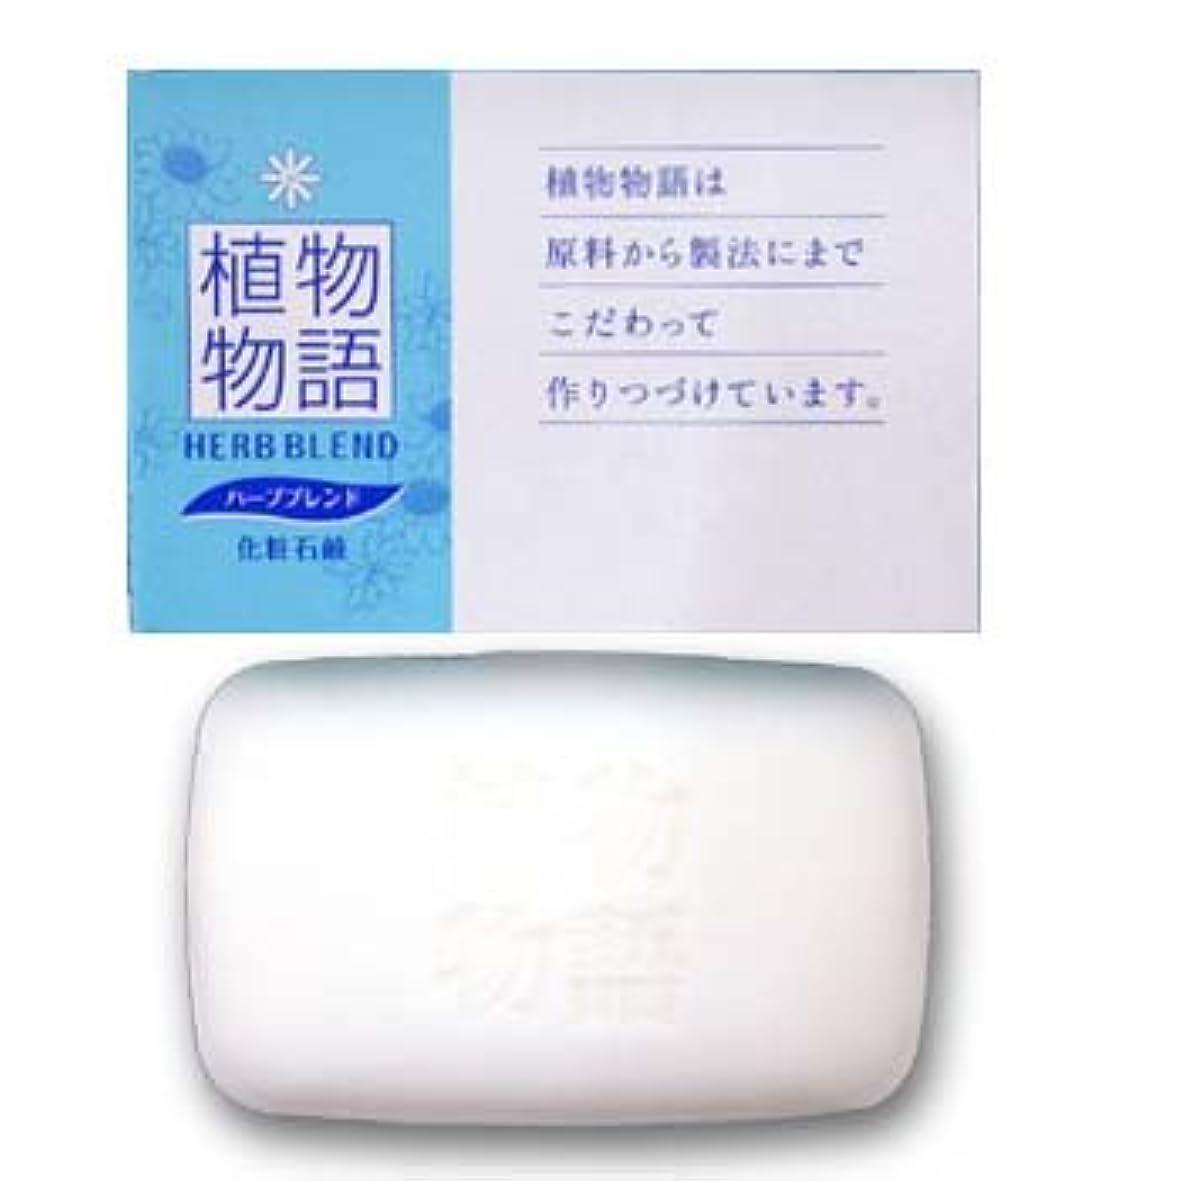 墓地大学メインLION 植物物語石鹸80g化粧箱入(1セット100個入)